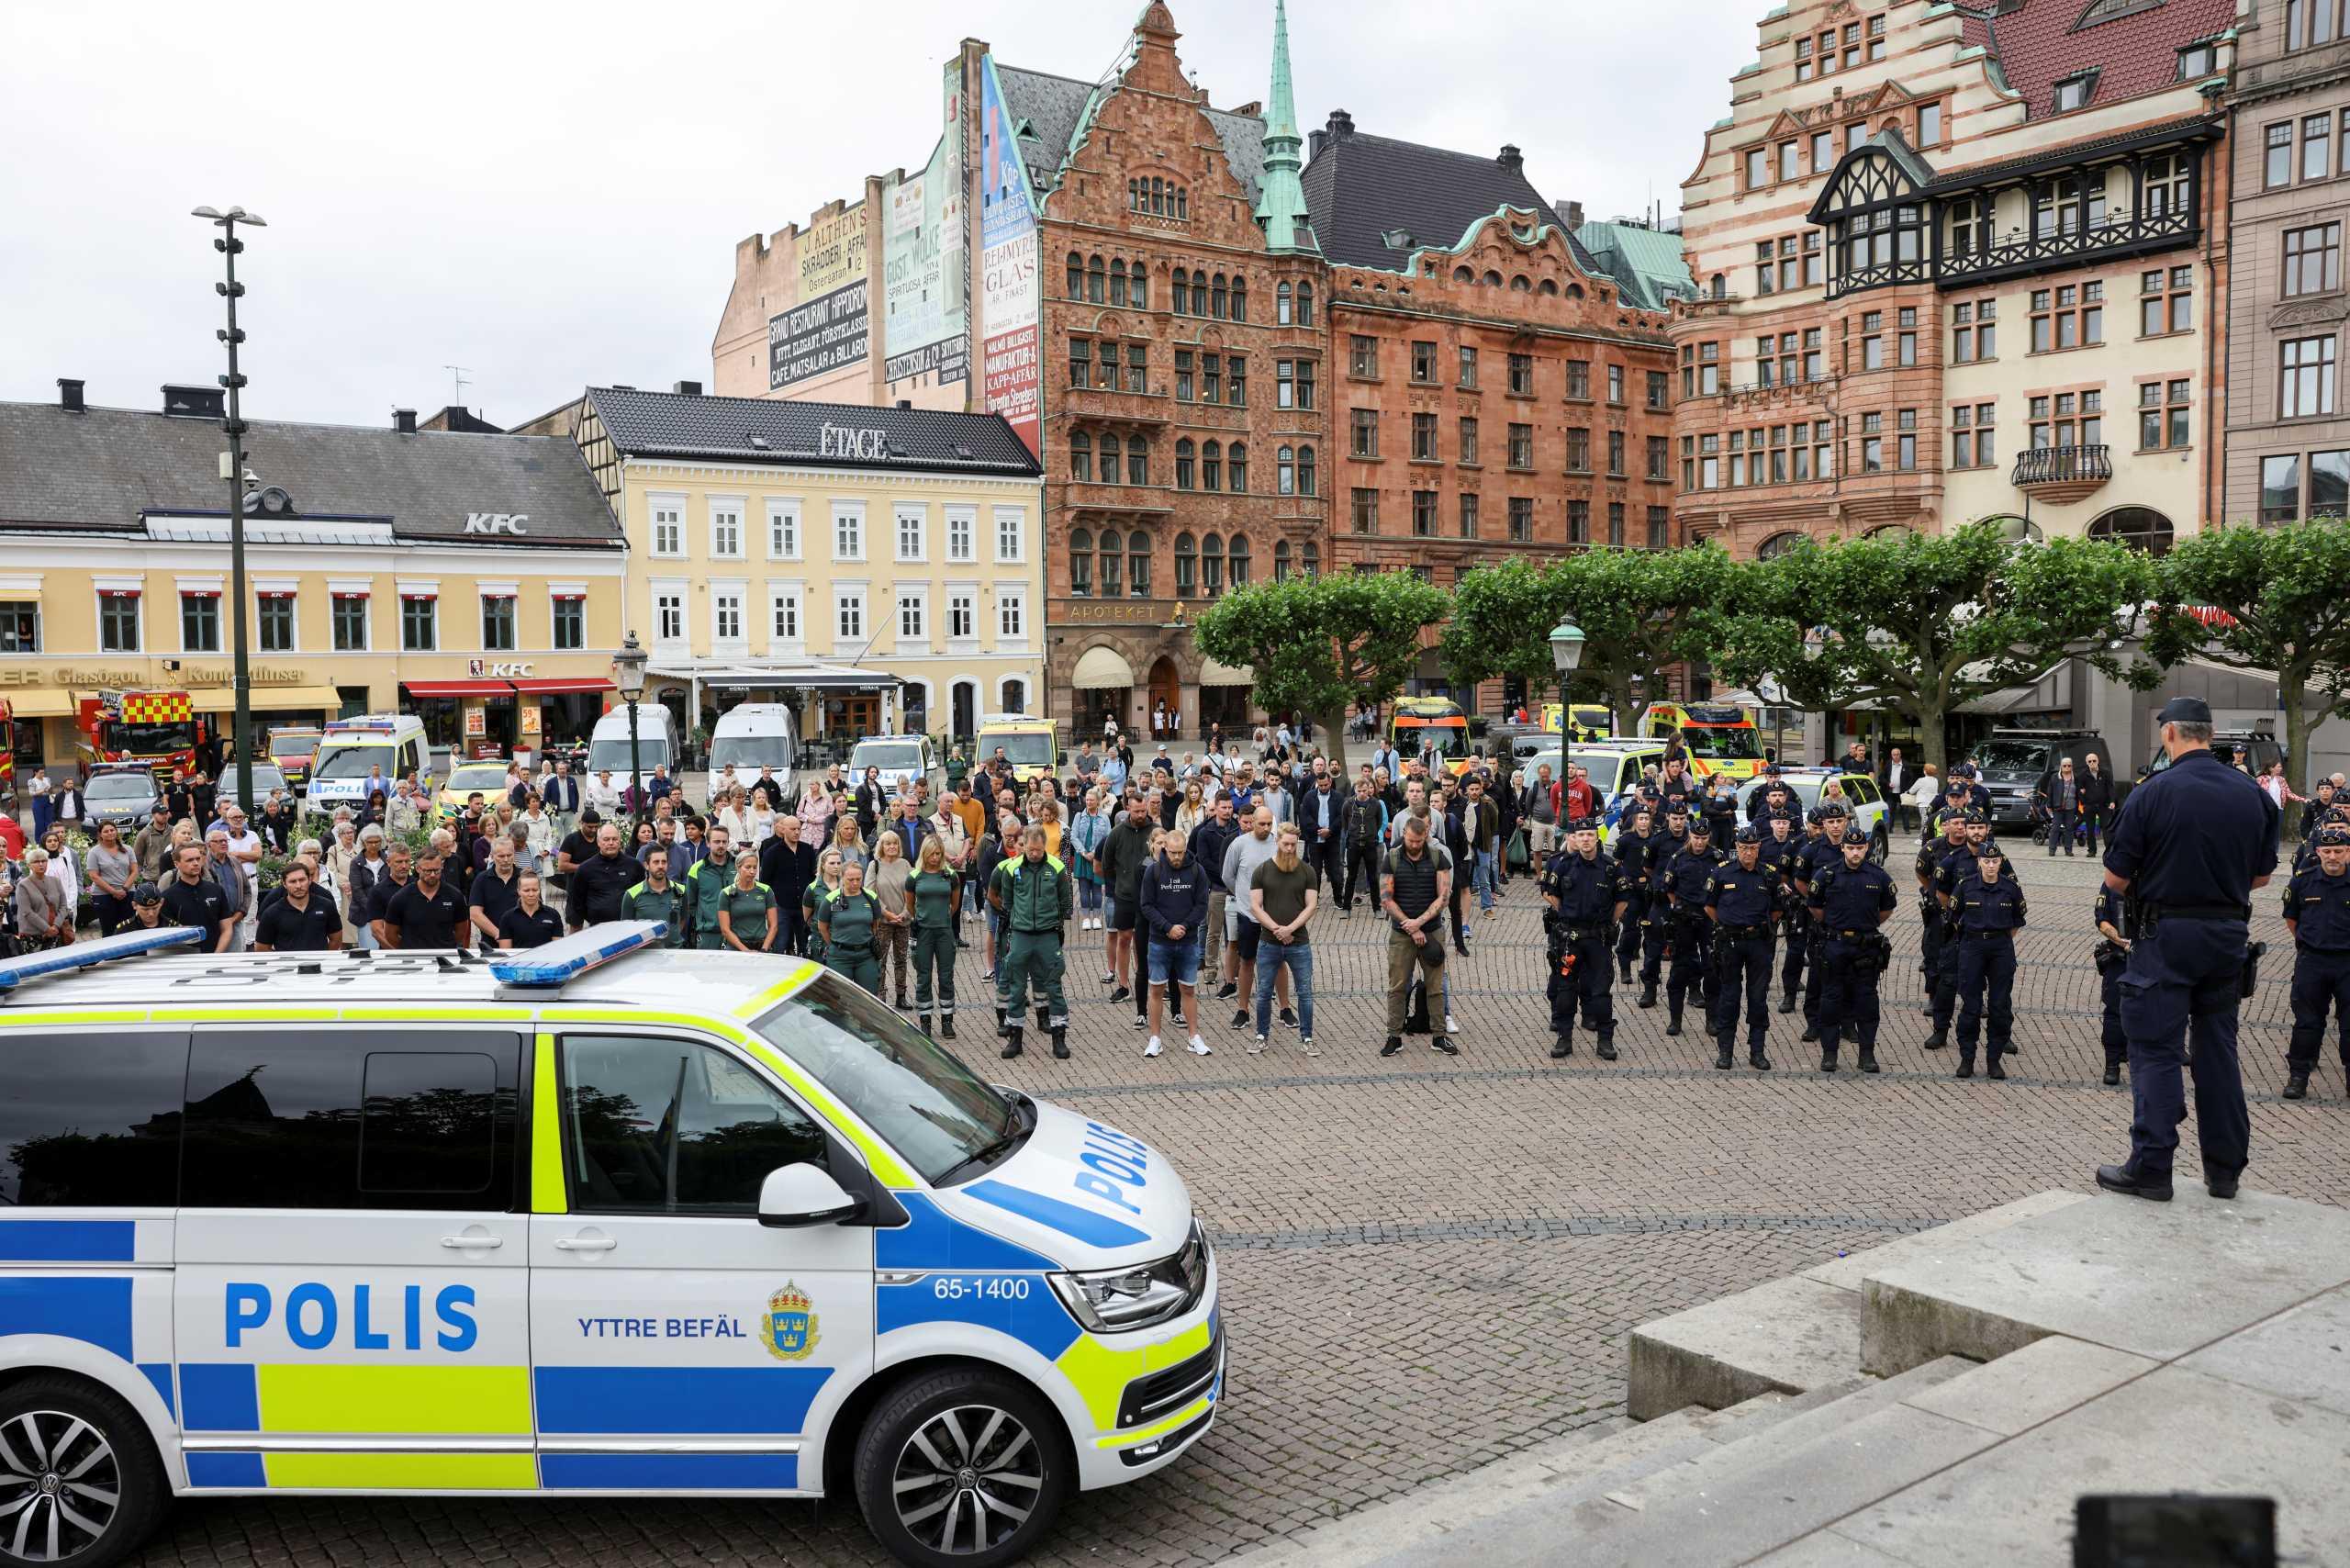 Σουηδία: Ο πρώτος θάνατος αστυνομικού από πυρά μετά από 14 χρόνια – Κατηγορείται ένας 17χρονος